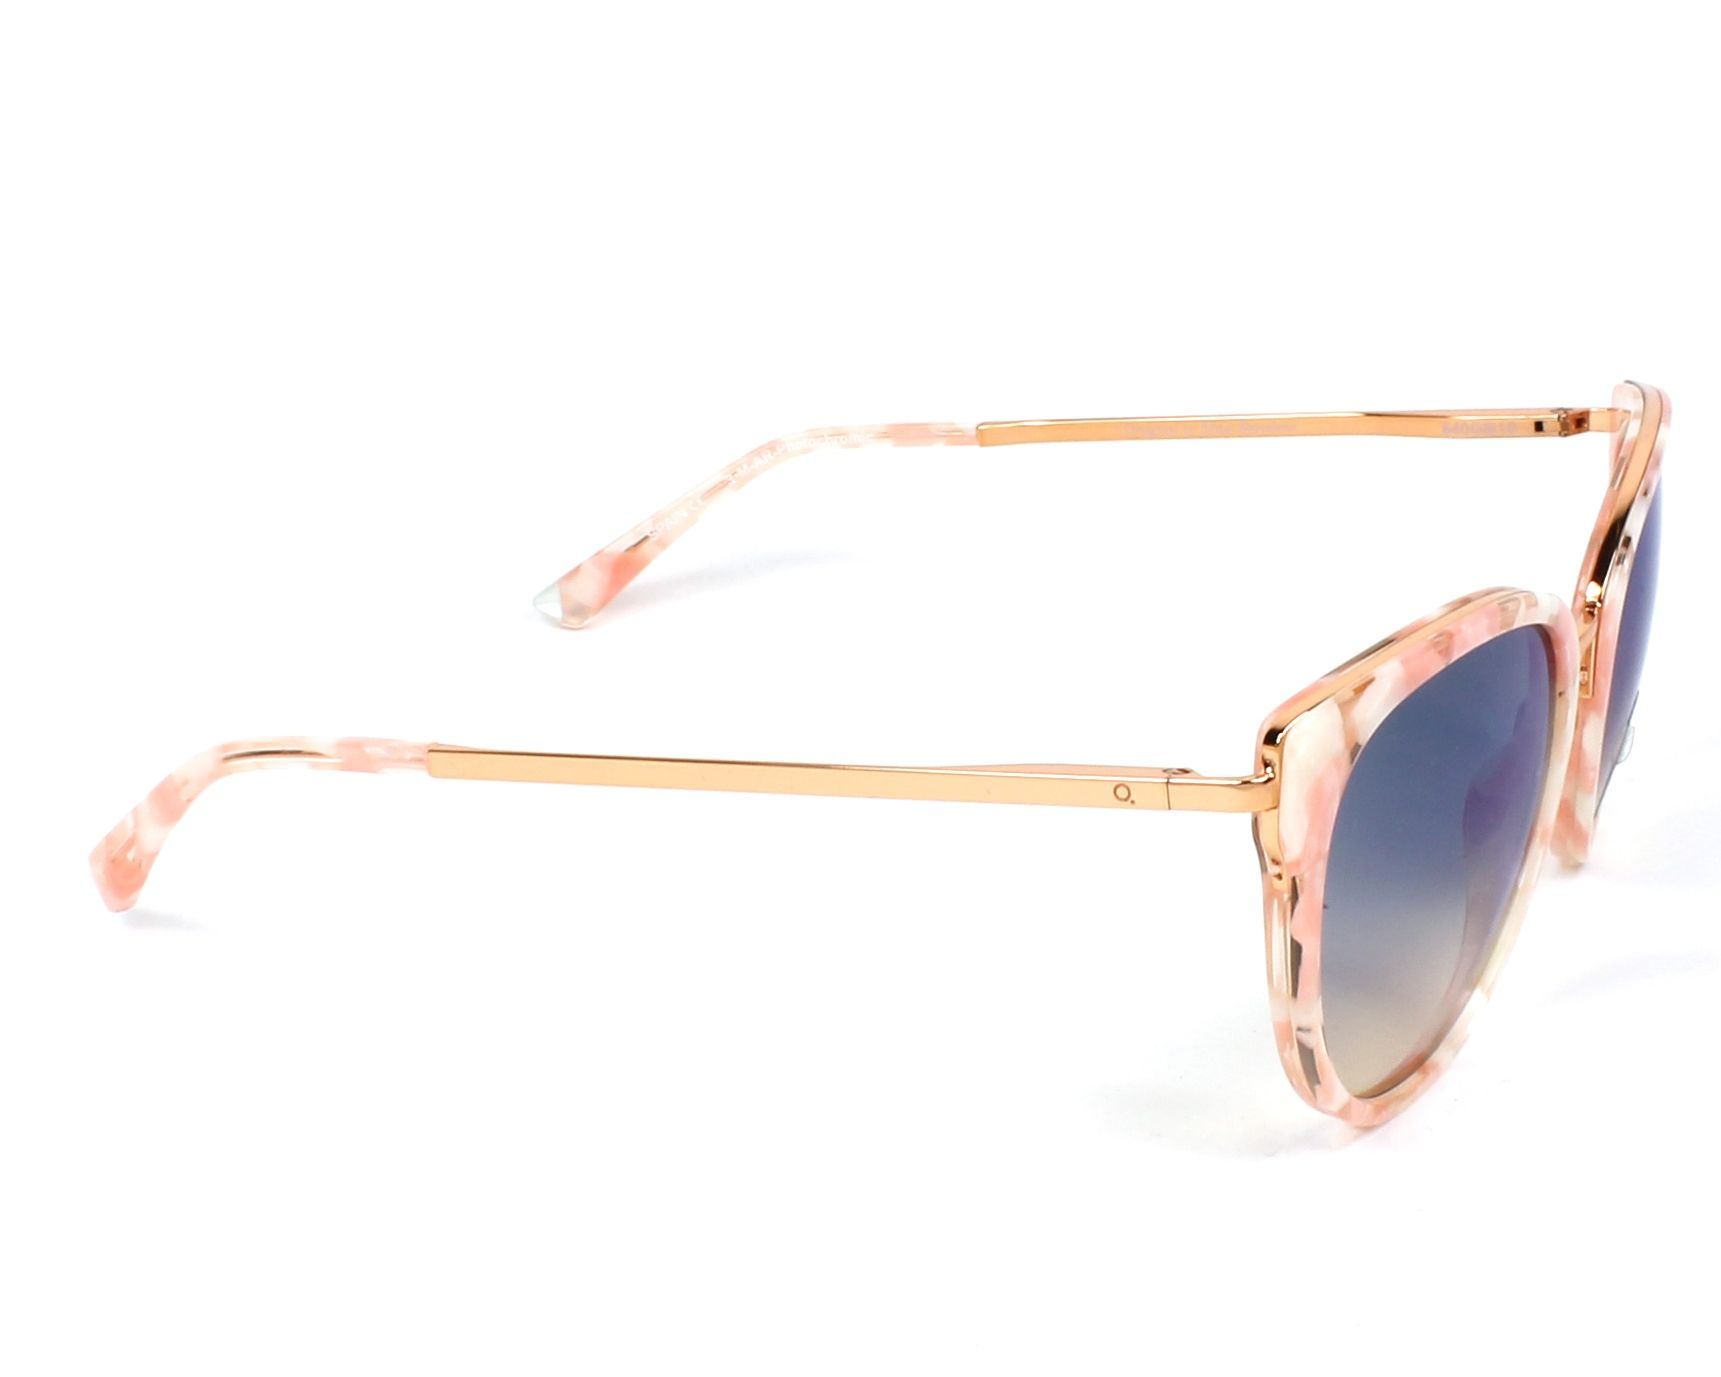 764265f316 Gafas de sol Etnia Barcelona princesa PKSK - Rosa Oro cobre vista lateral